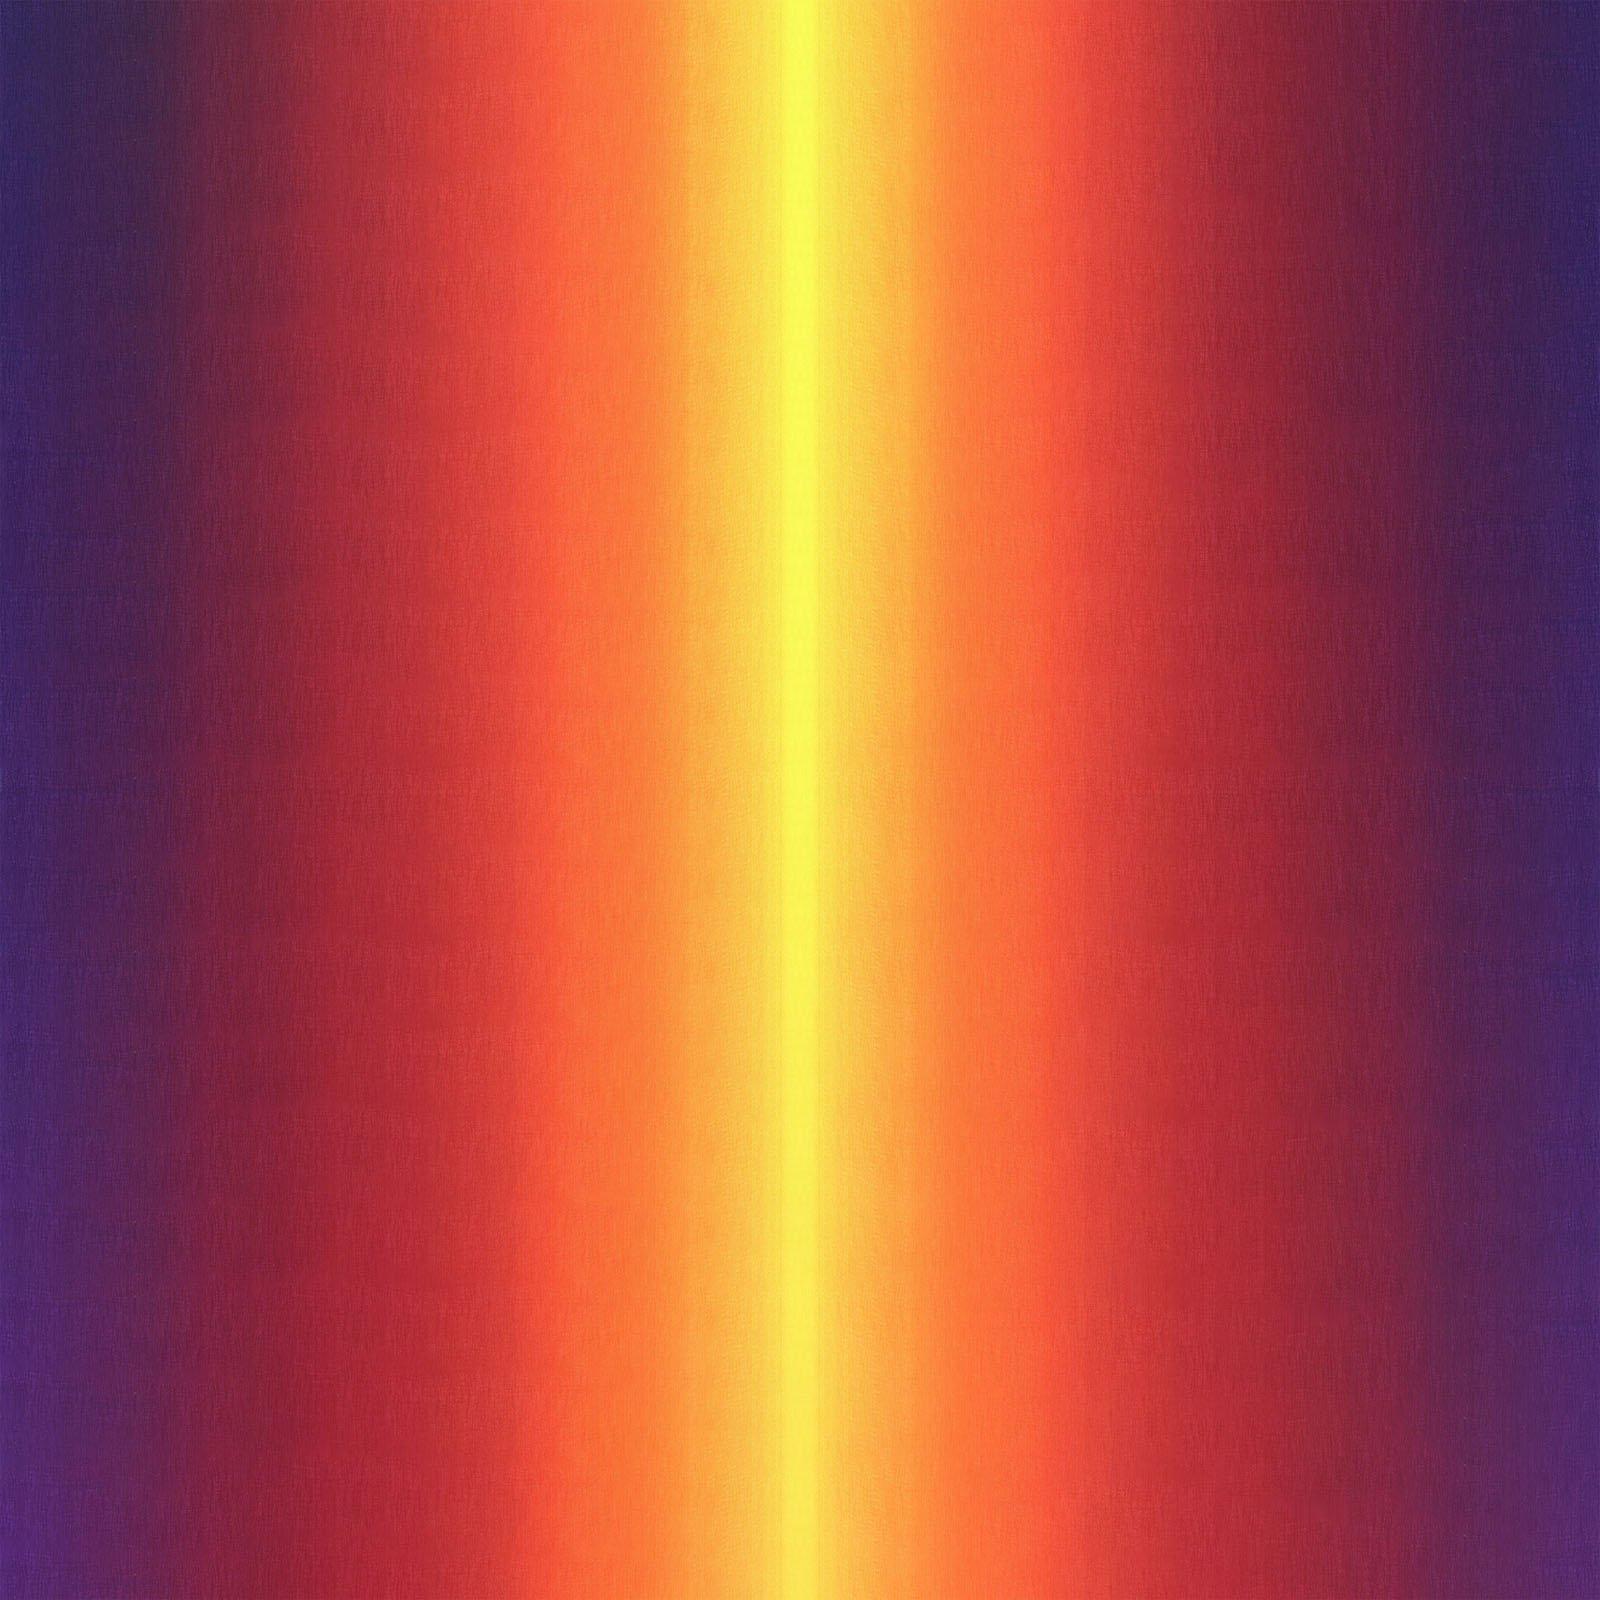 Purple-Red Multi Gelato Ombre